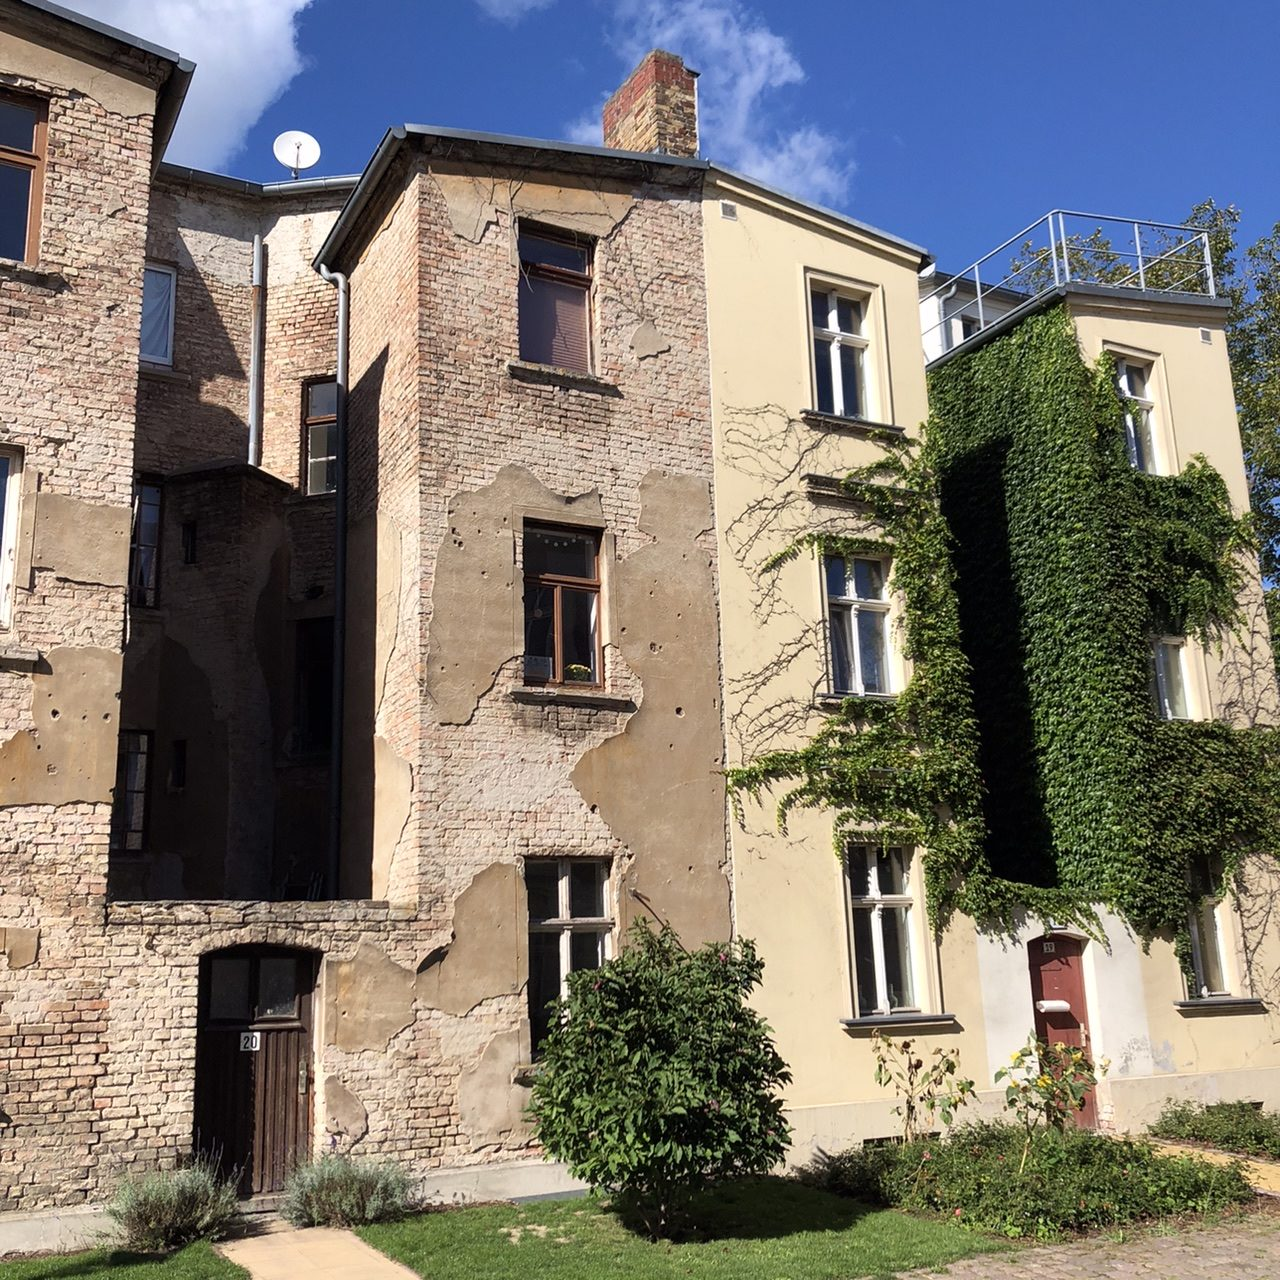 Ein Doppelhaus in Brandenburg, rechte Seite top saniert, links völlig unrenoviert, mit abbröckelndem Putz.